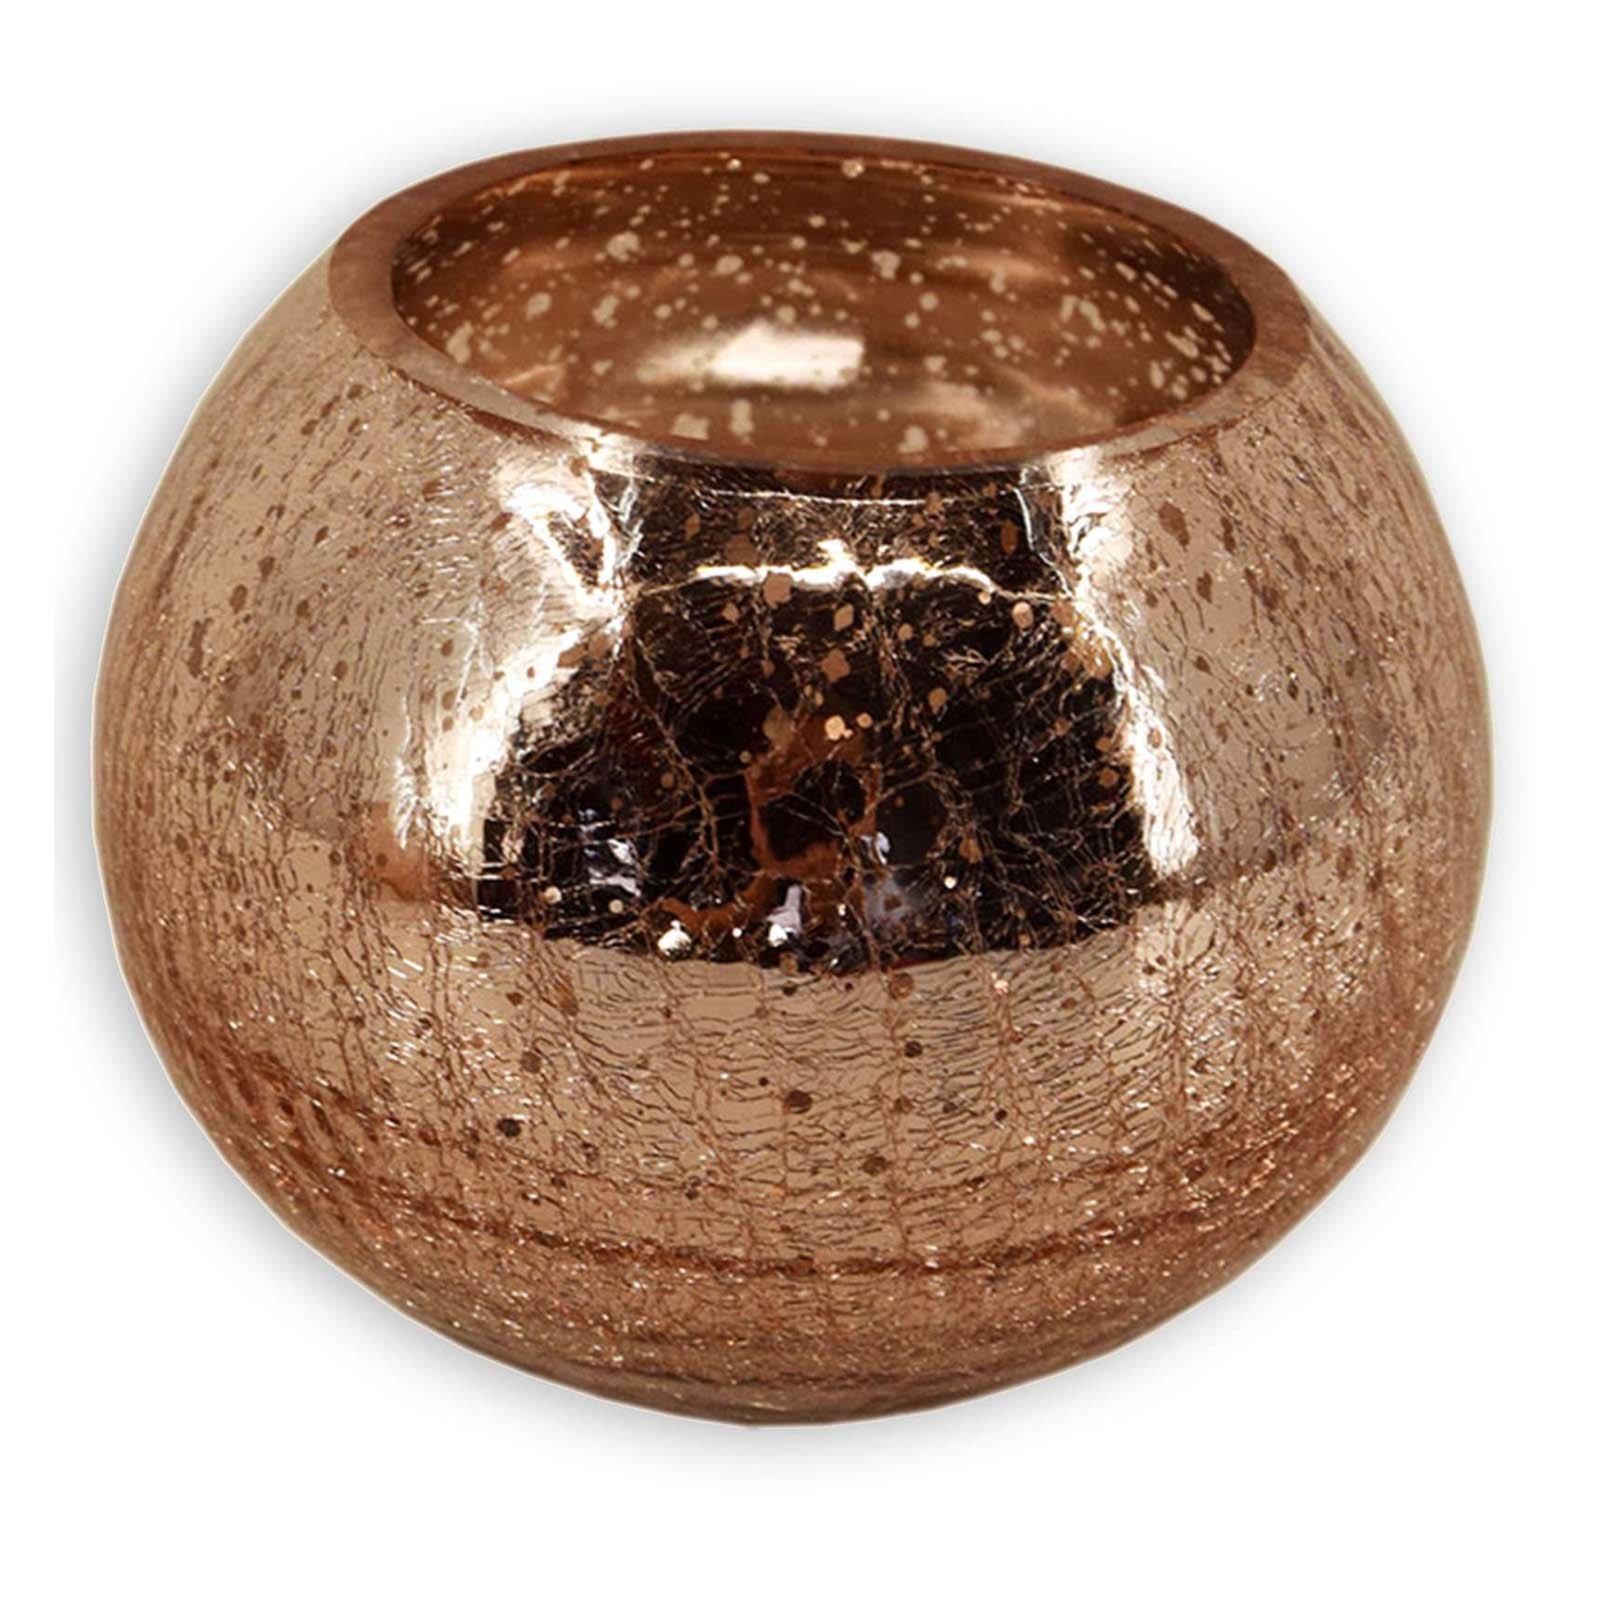 Windlichtglas - kupfer - Kugel - 15 cm